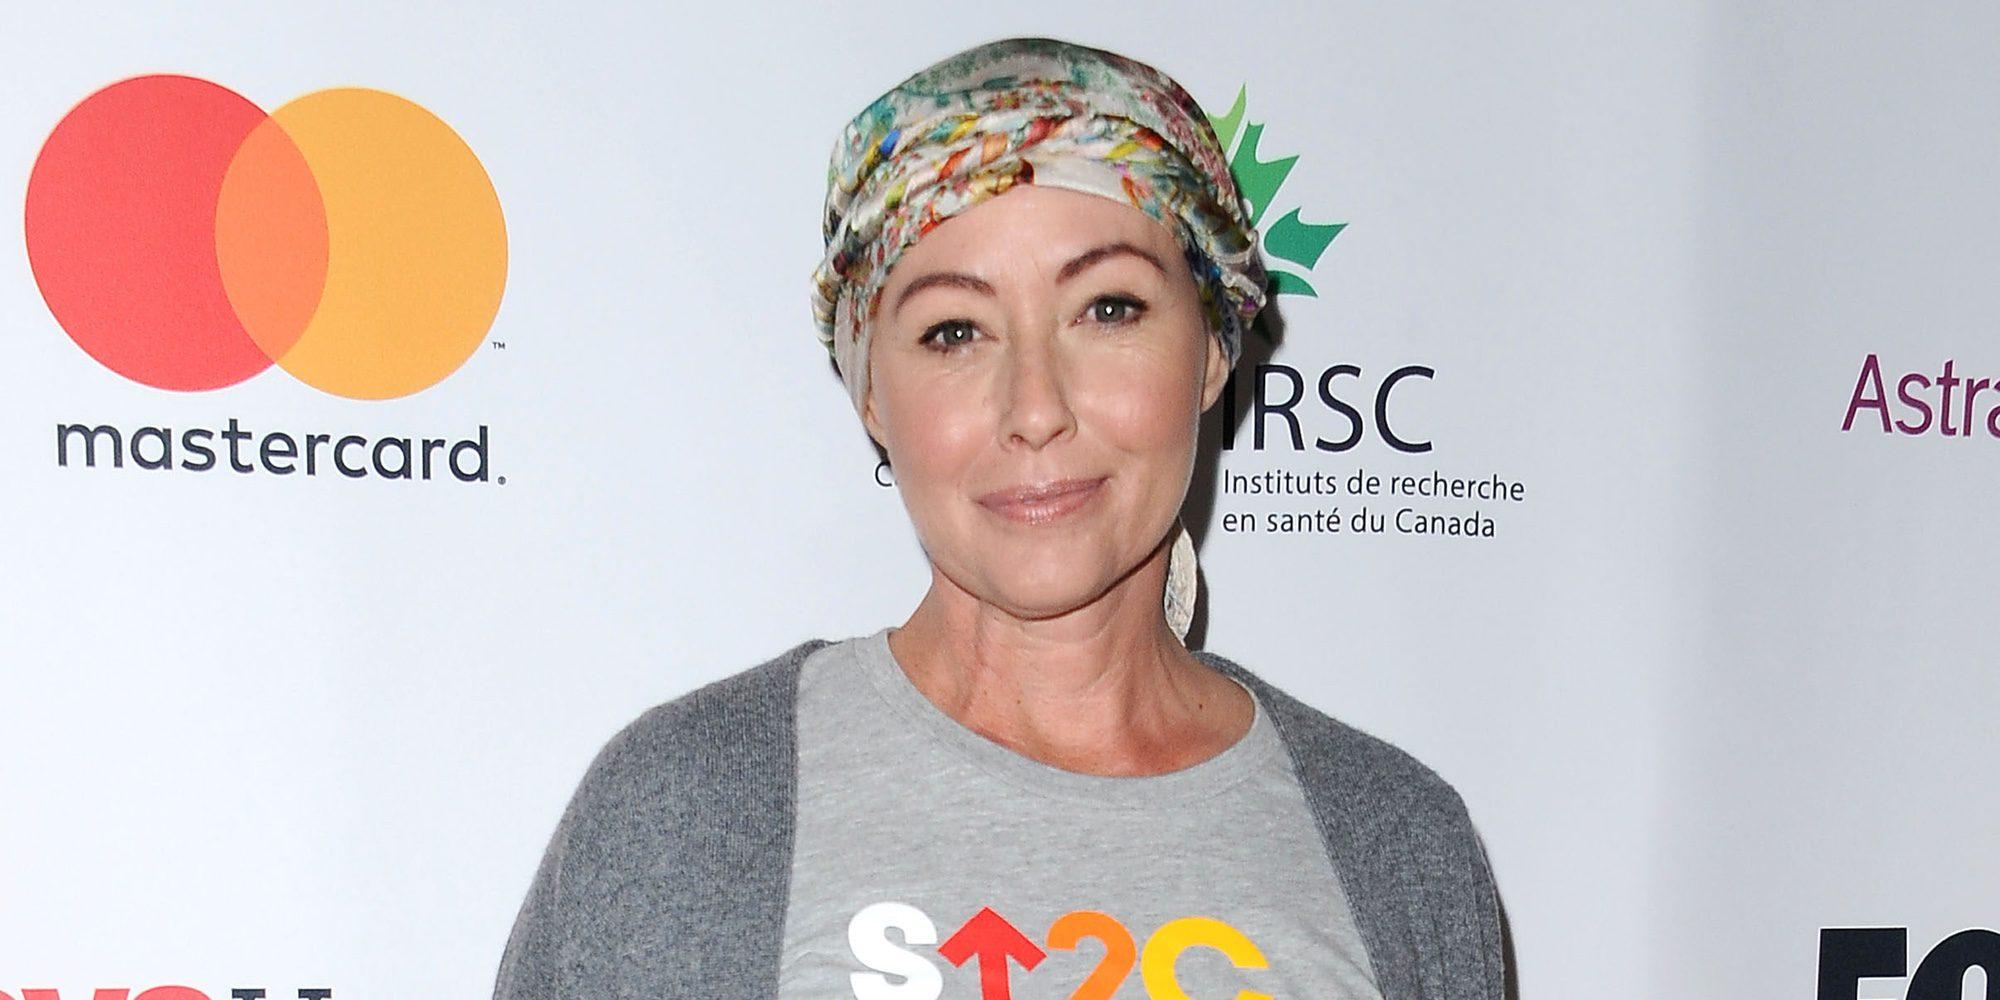 Shannen Doherty vuelve a los set de rodaje tras retirarse por el cáncer que padecía